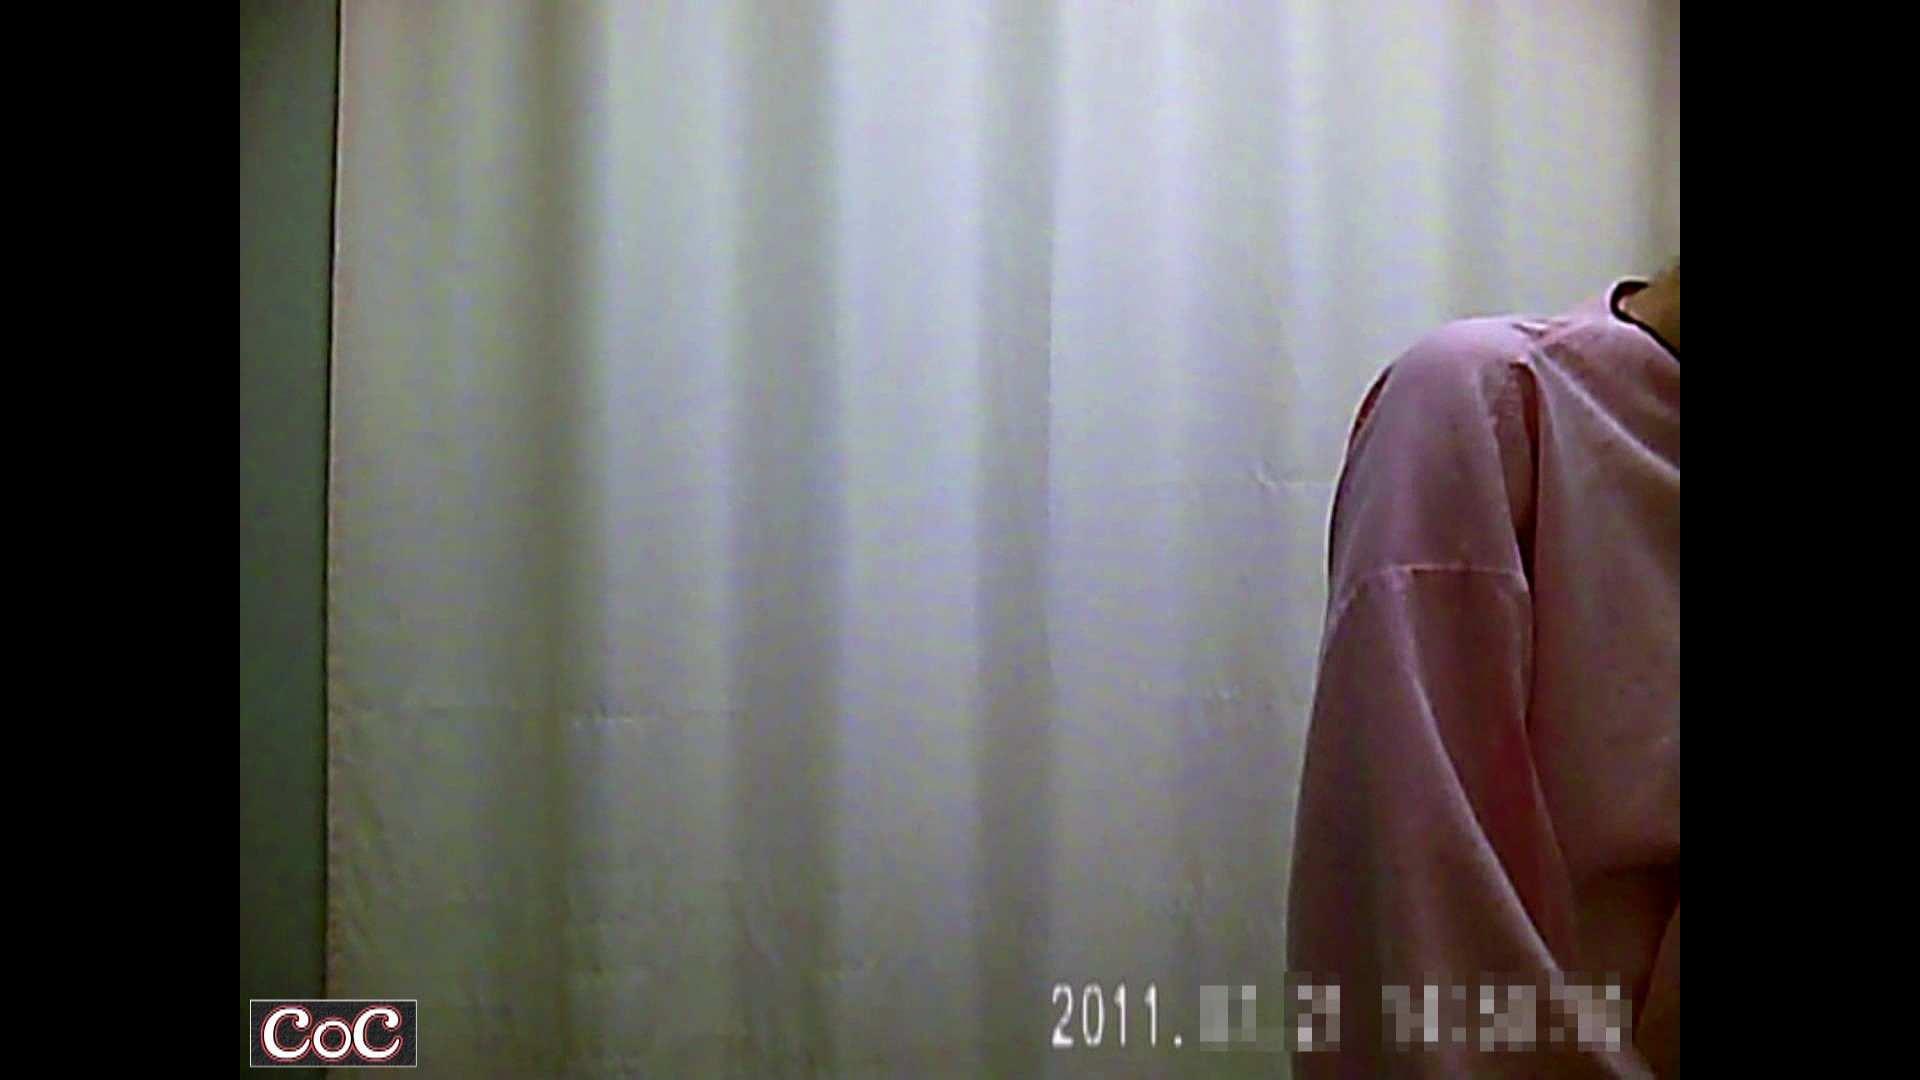 病院おもいっきり着替え! vol.04 着替え のぞきおめこ無修正画像 113PICs 11